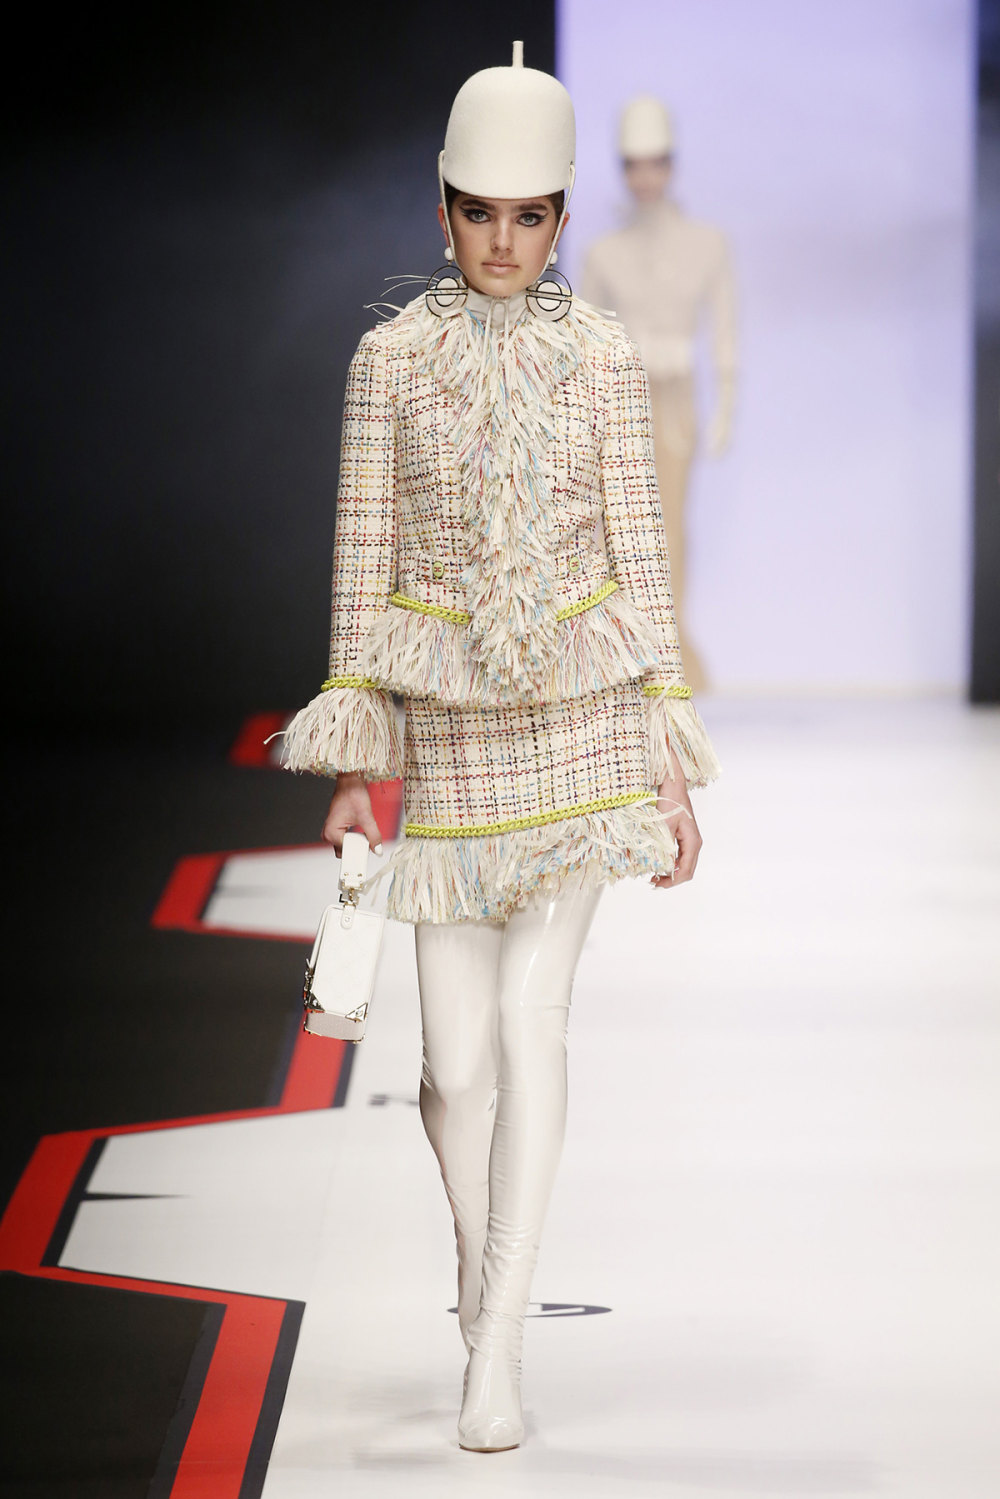 Elisabetta Franchi时装系列简约時尚的蓝色外套衬有印花迷你裙-3.jpg